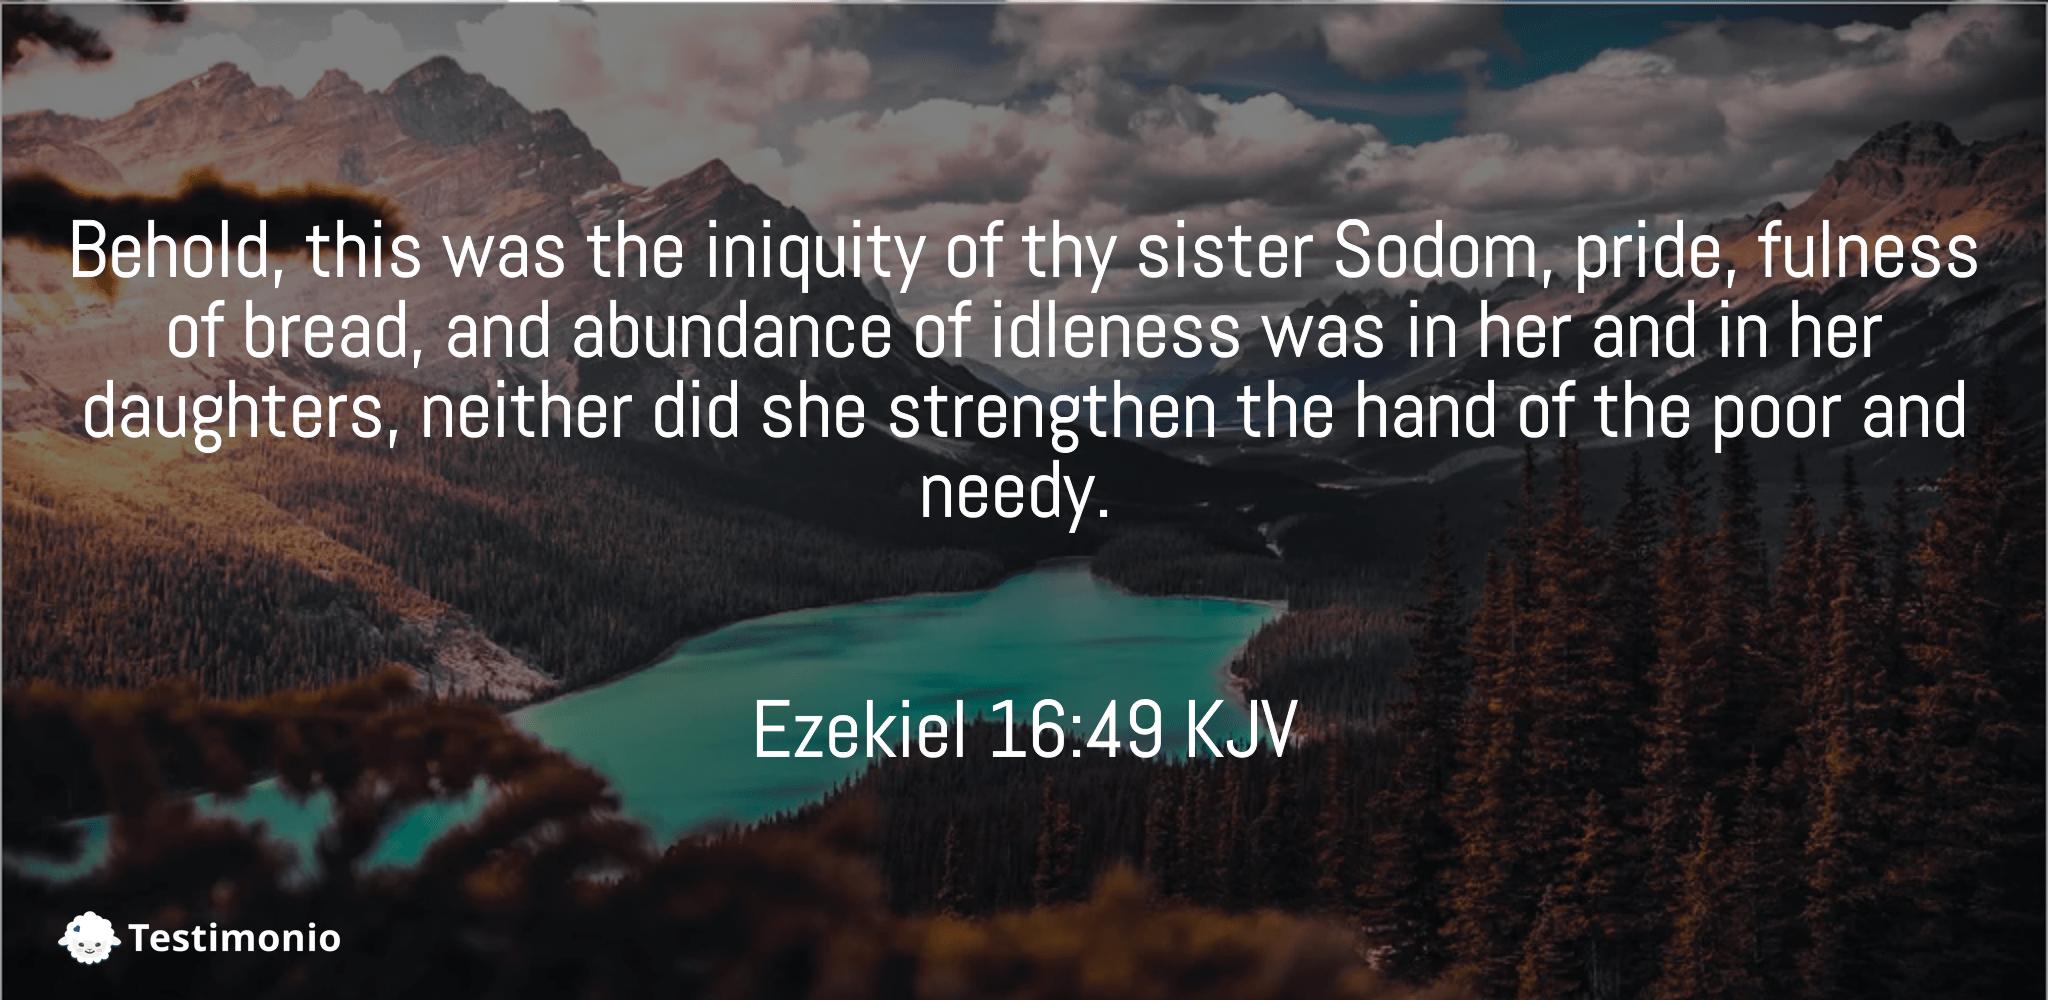 Ezekiel 16:49